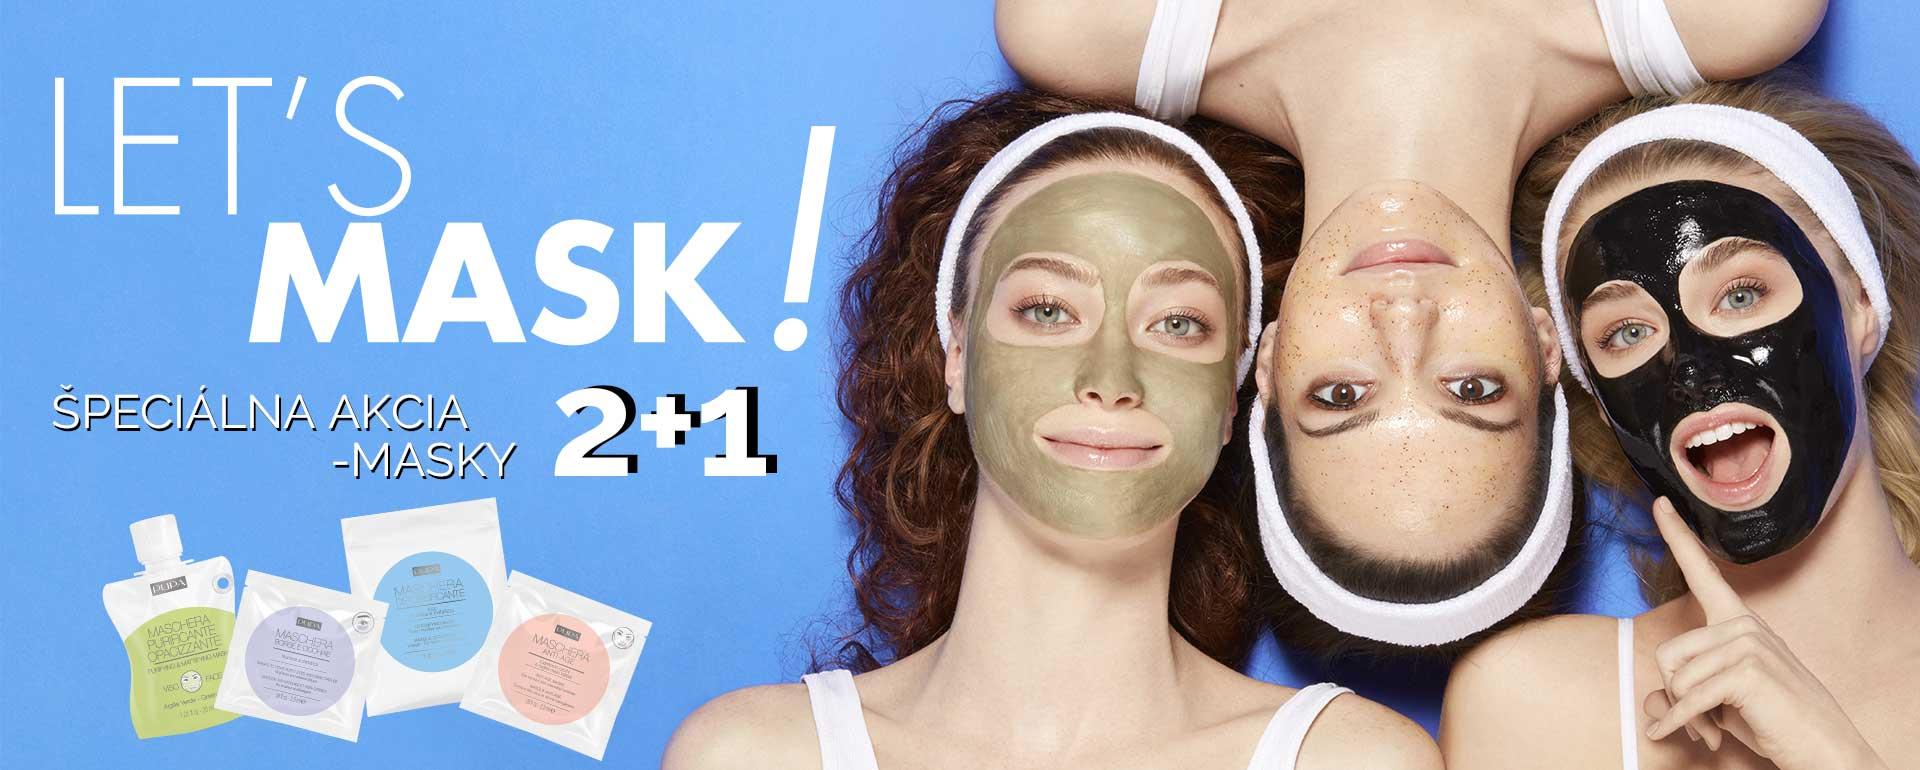 Let's Mask